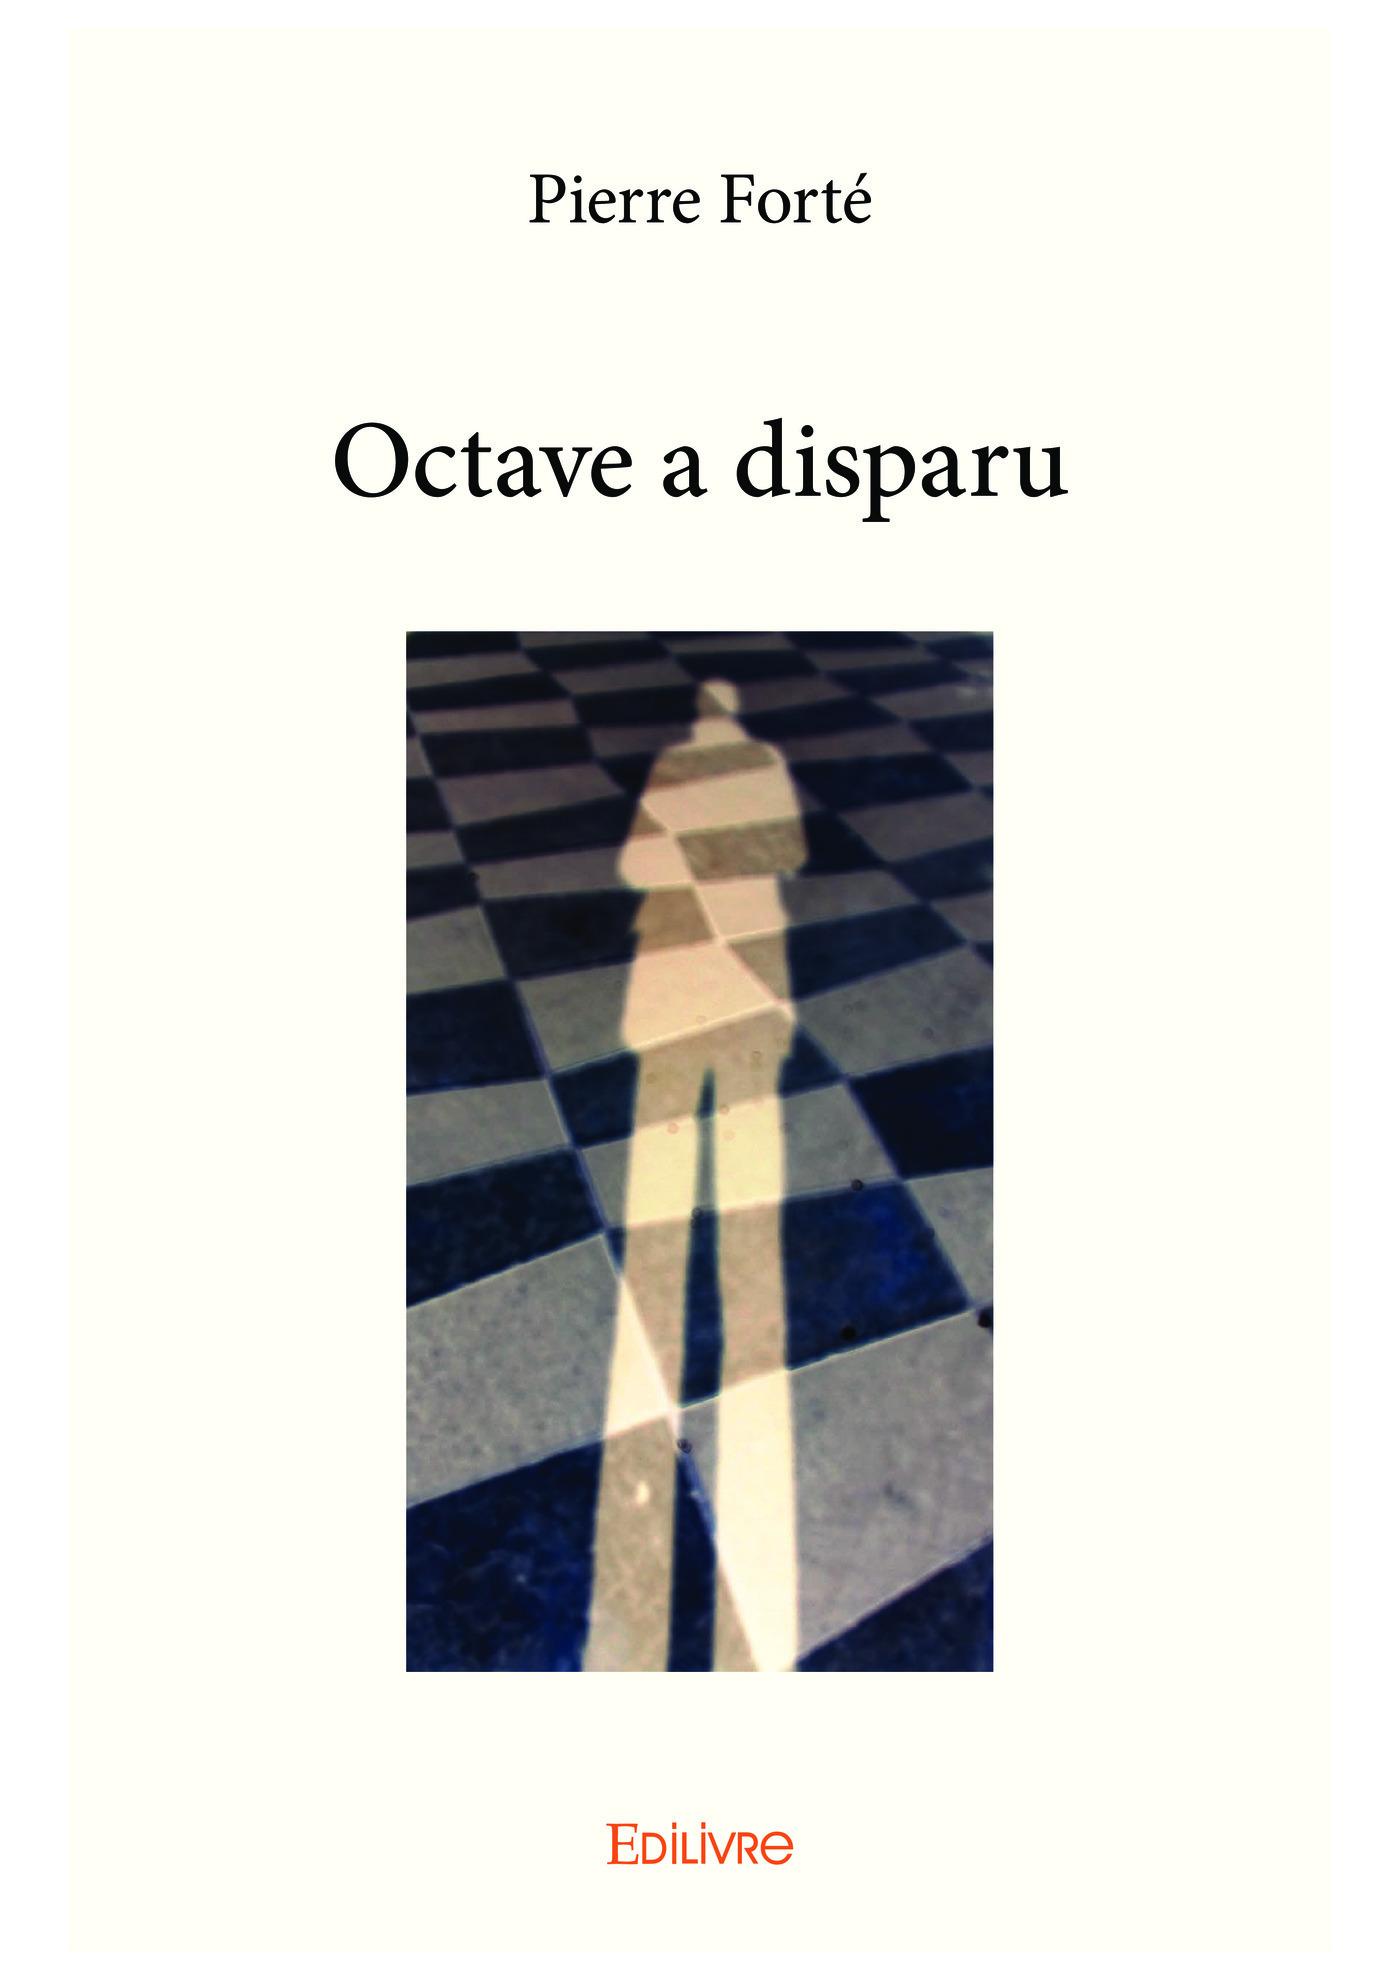 Octave a disparu  - Pierre Forté